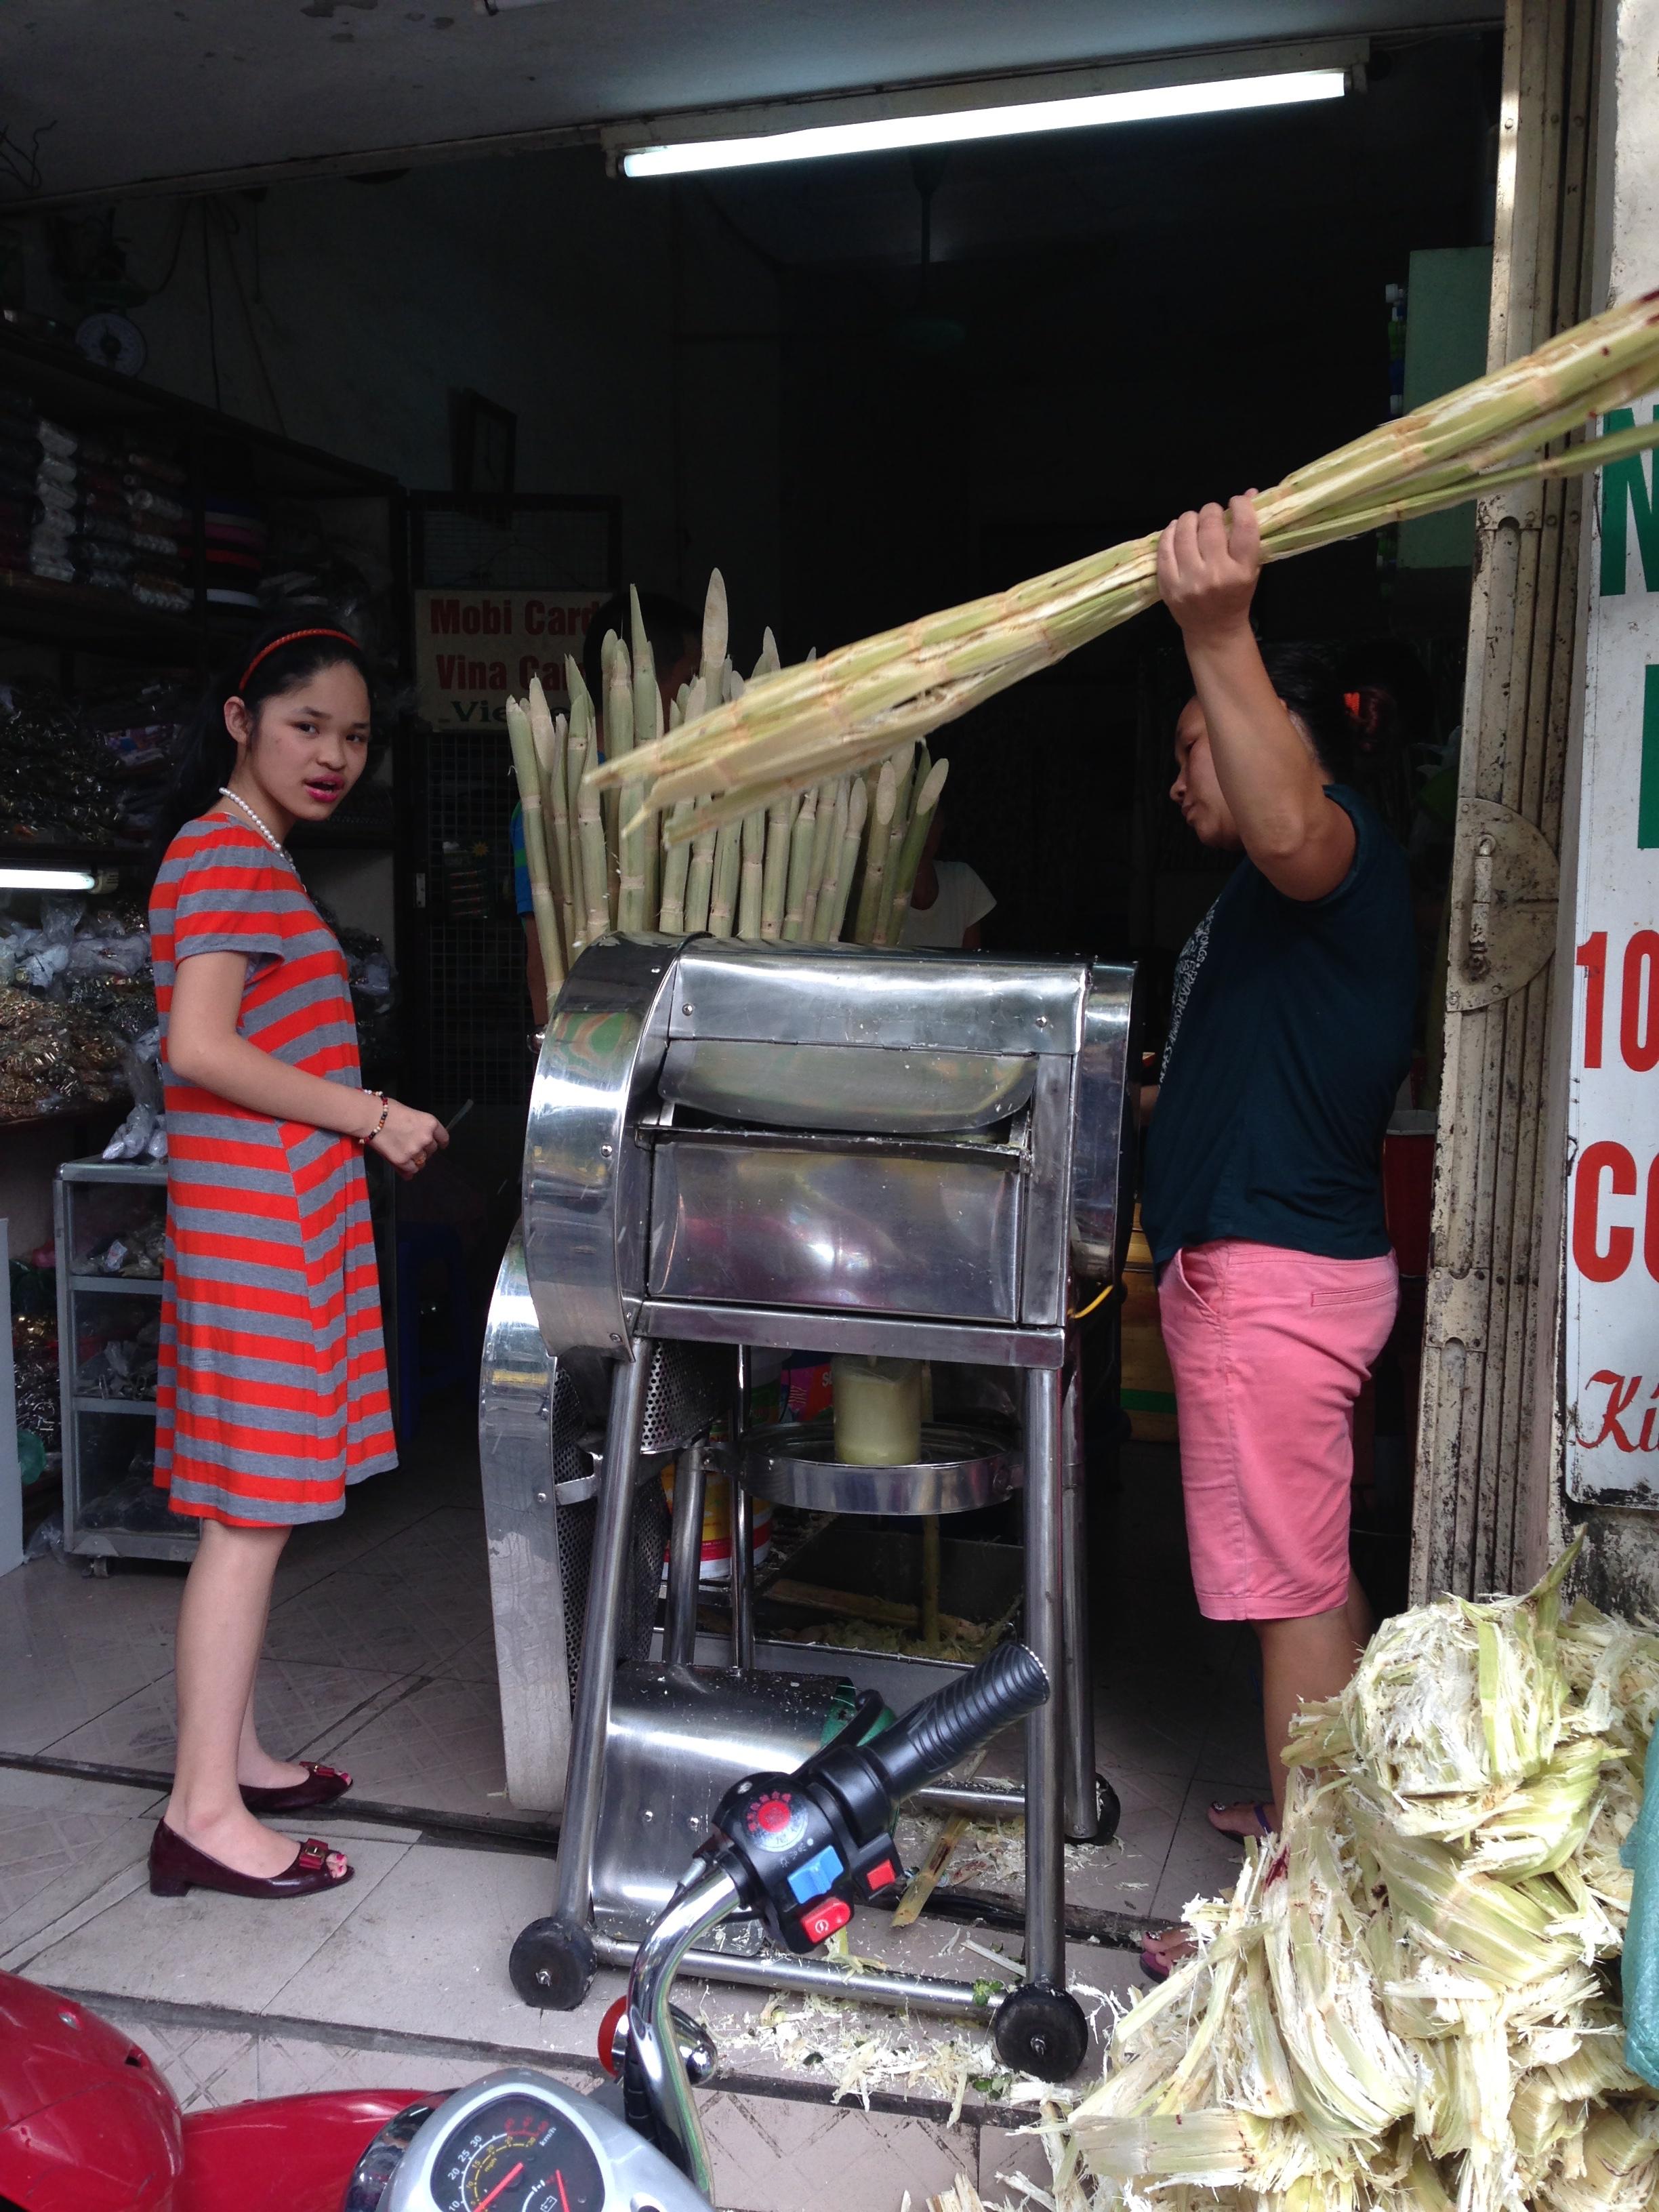 Sugarcane juice machine in Hanoi, Vietnam - illumelation.com